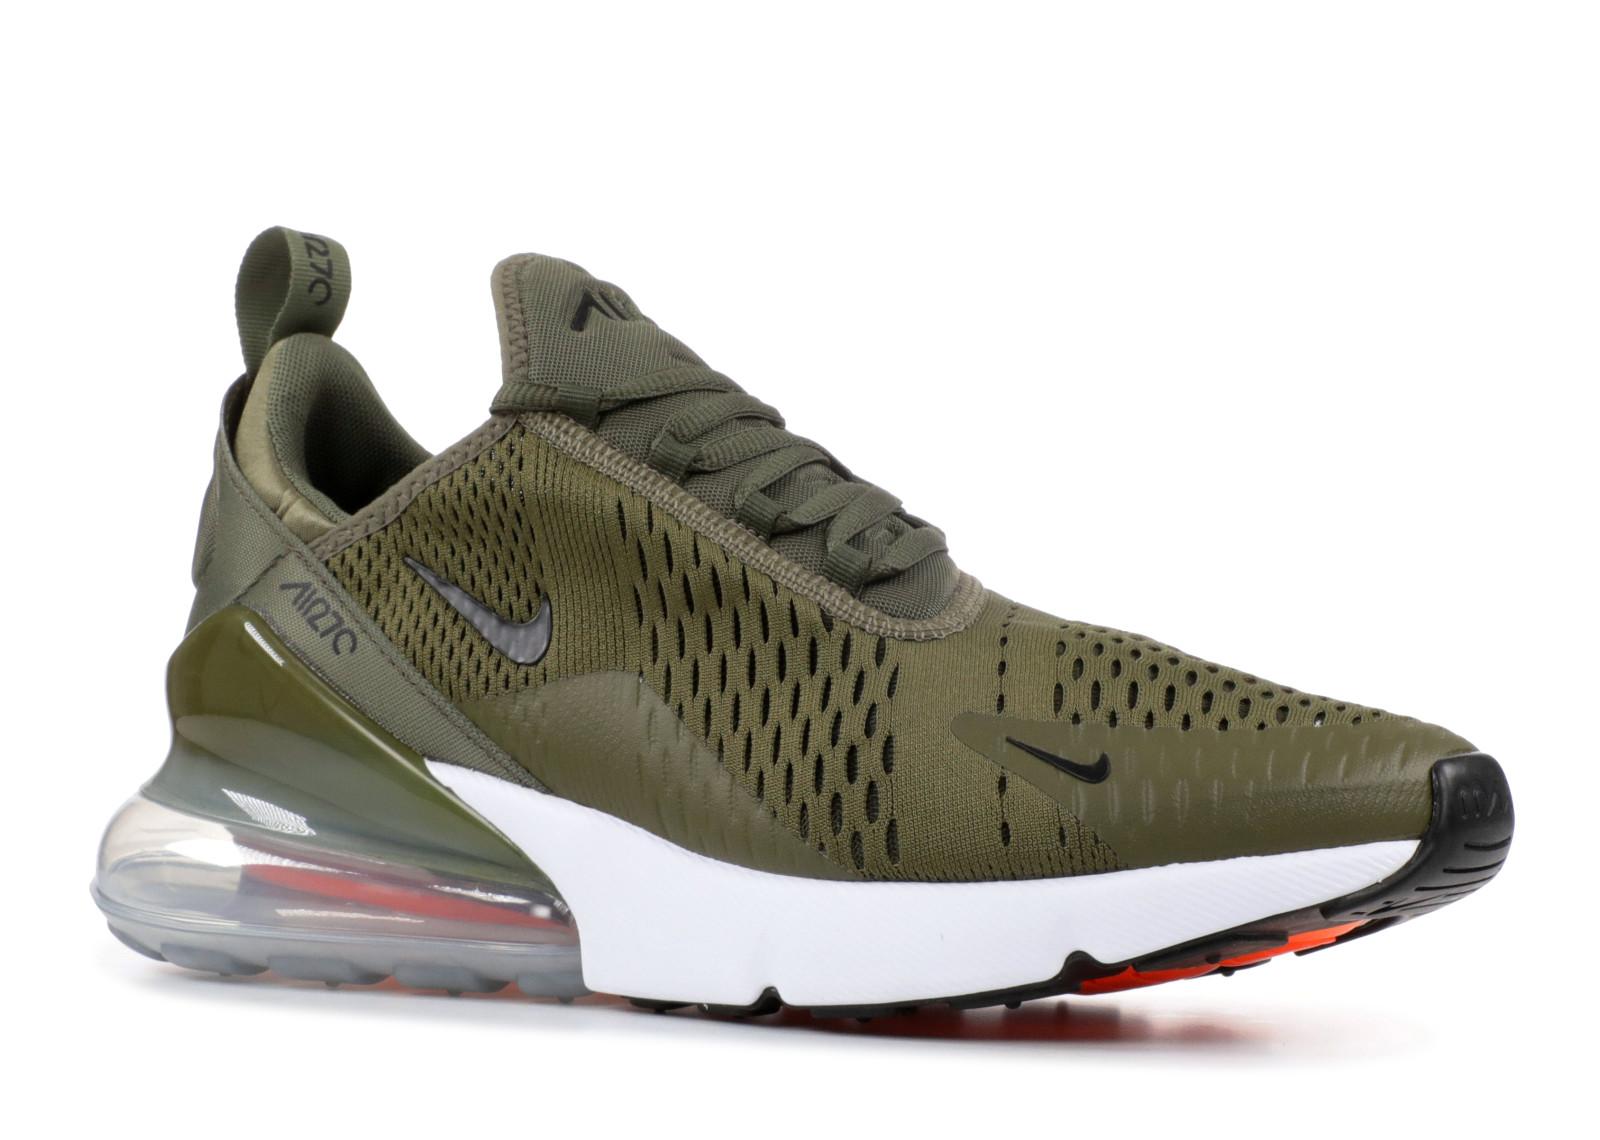 a2153aa4a8 Nike Air Max 270 Medium Olive - 1